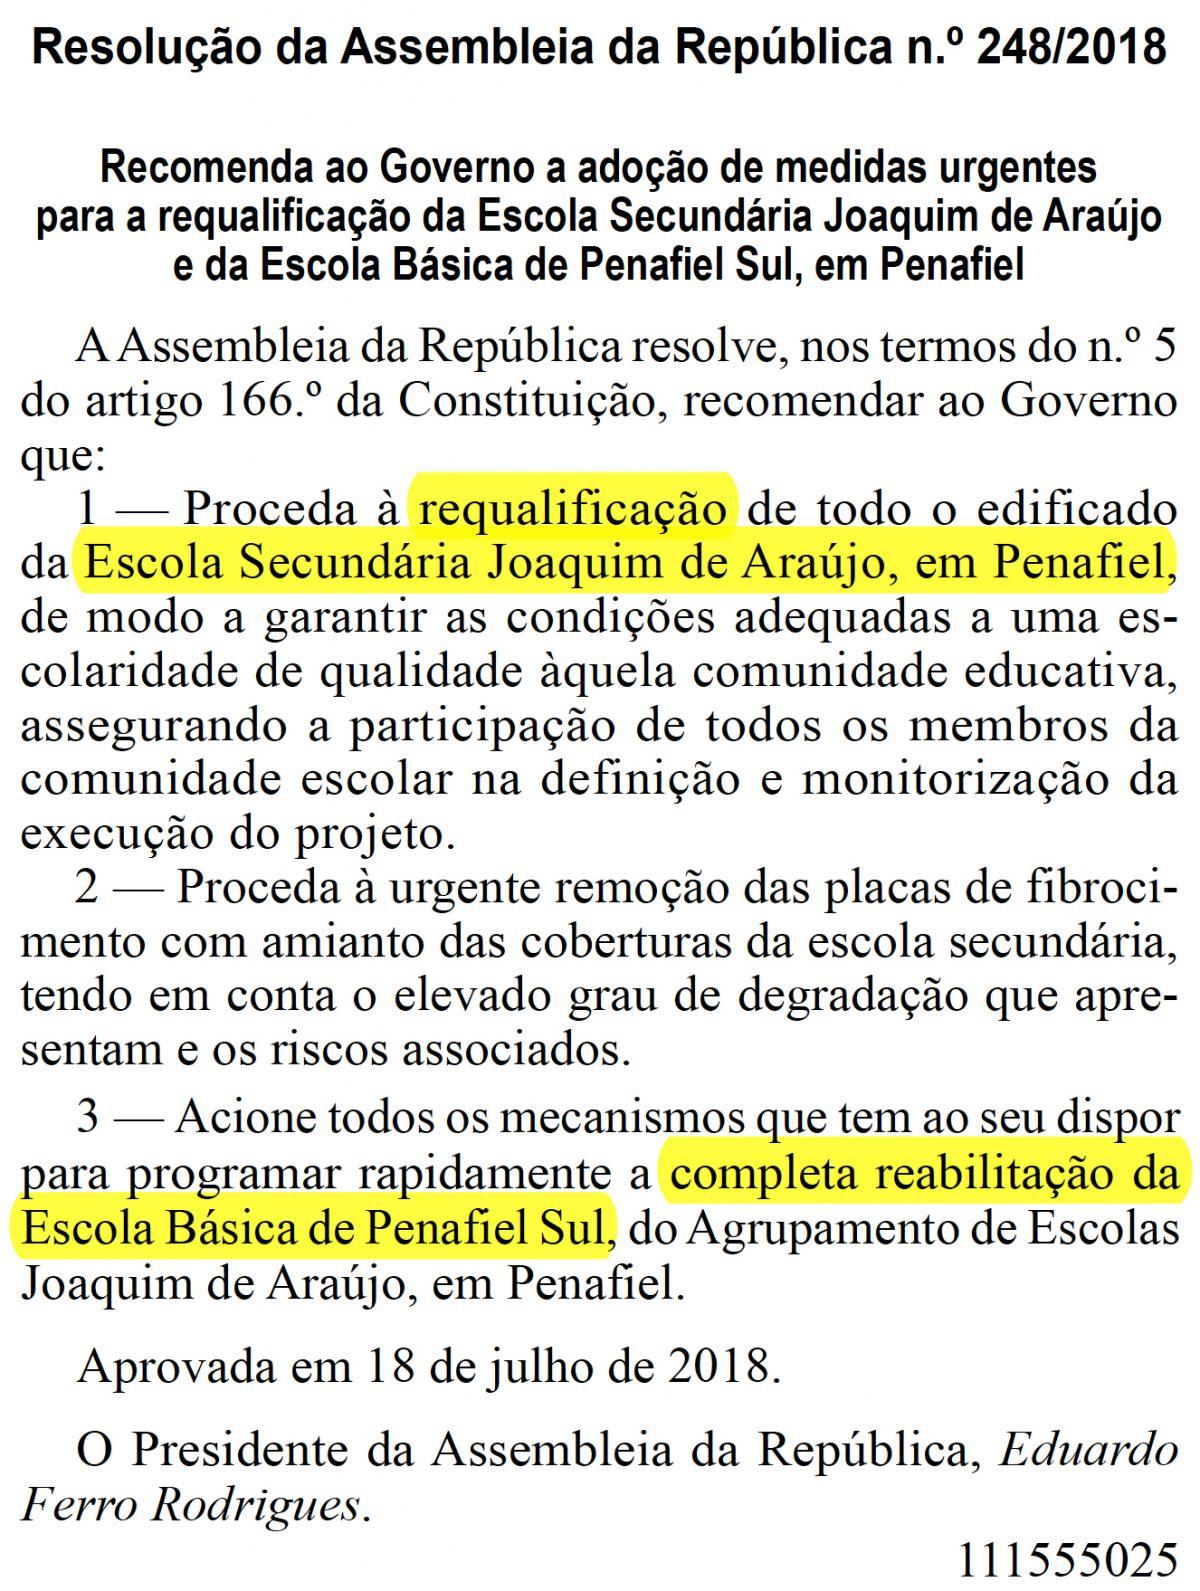 Resolução da Assembleia da República n.º 248/2018, DR, 1.ª série - N.º 153, de 9 de agosto